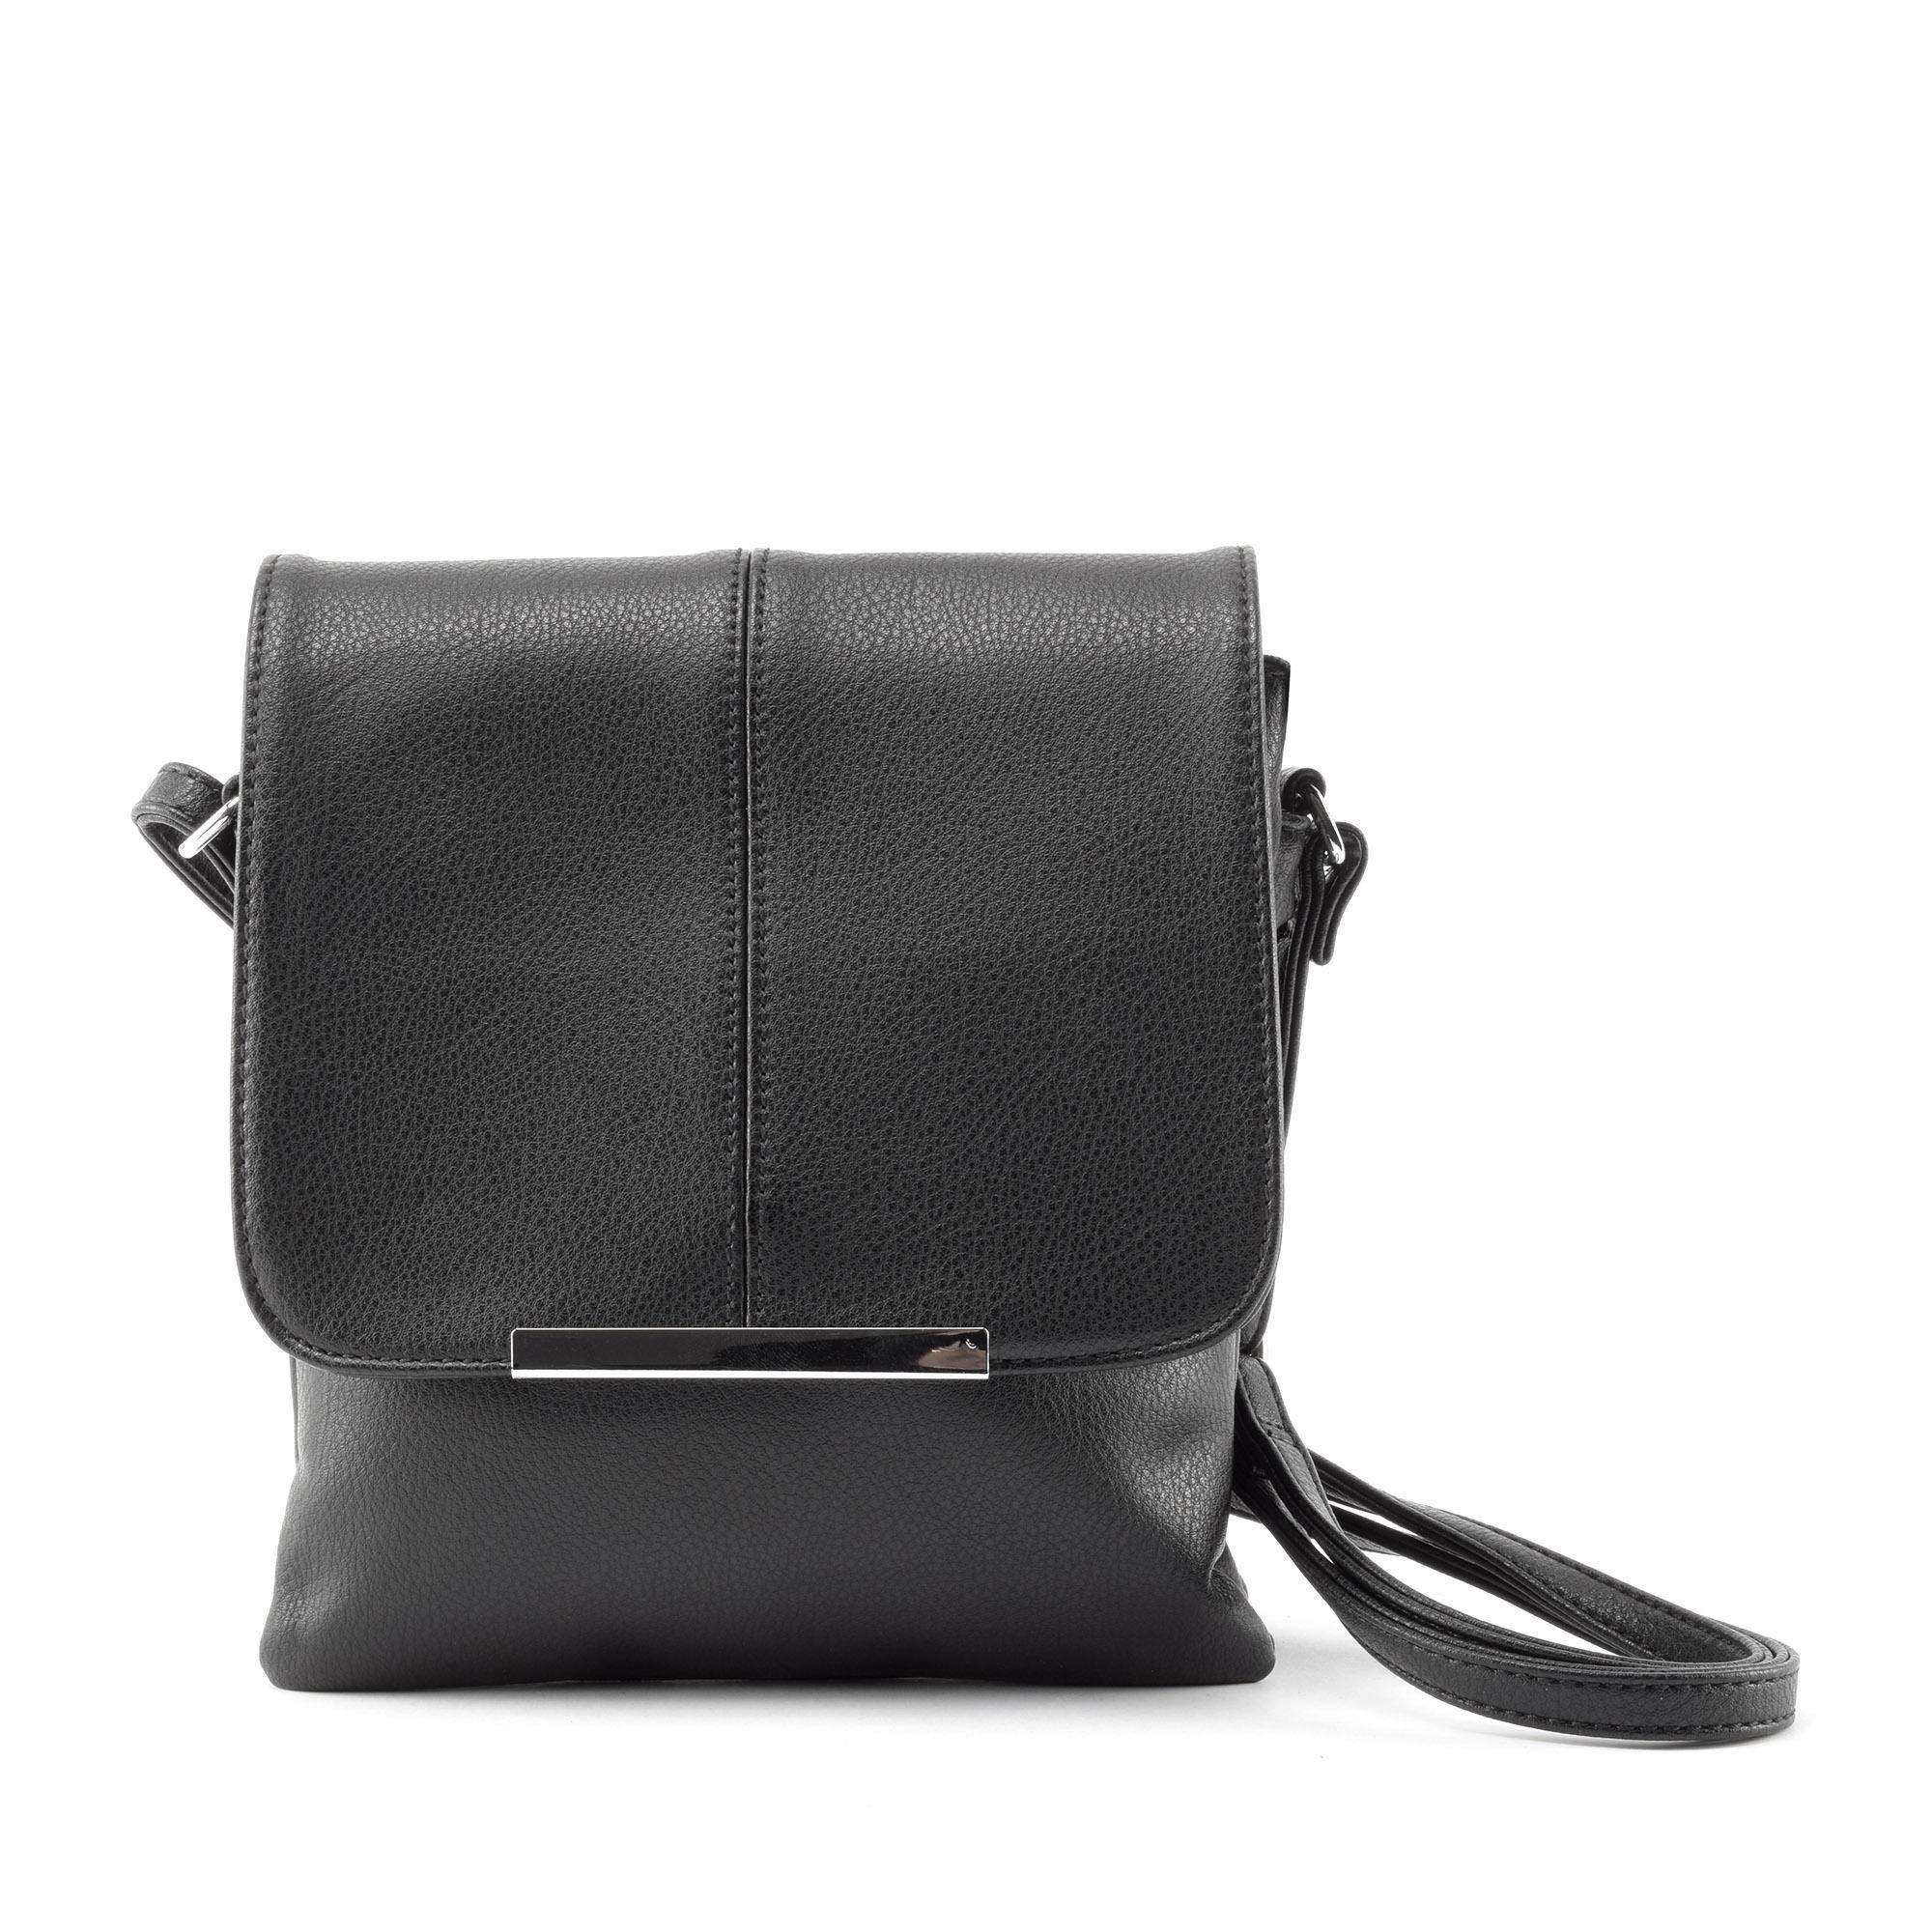 Fekete női műbőr oldaltáska - Átvetős Oldaltáskák - Táska webáruház -  Minőségi táskák mindenkinek 90da552655